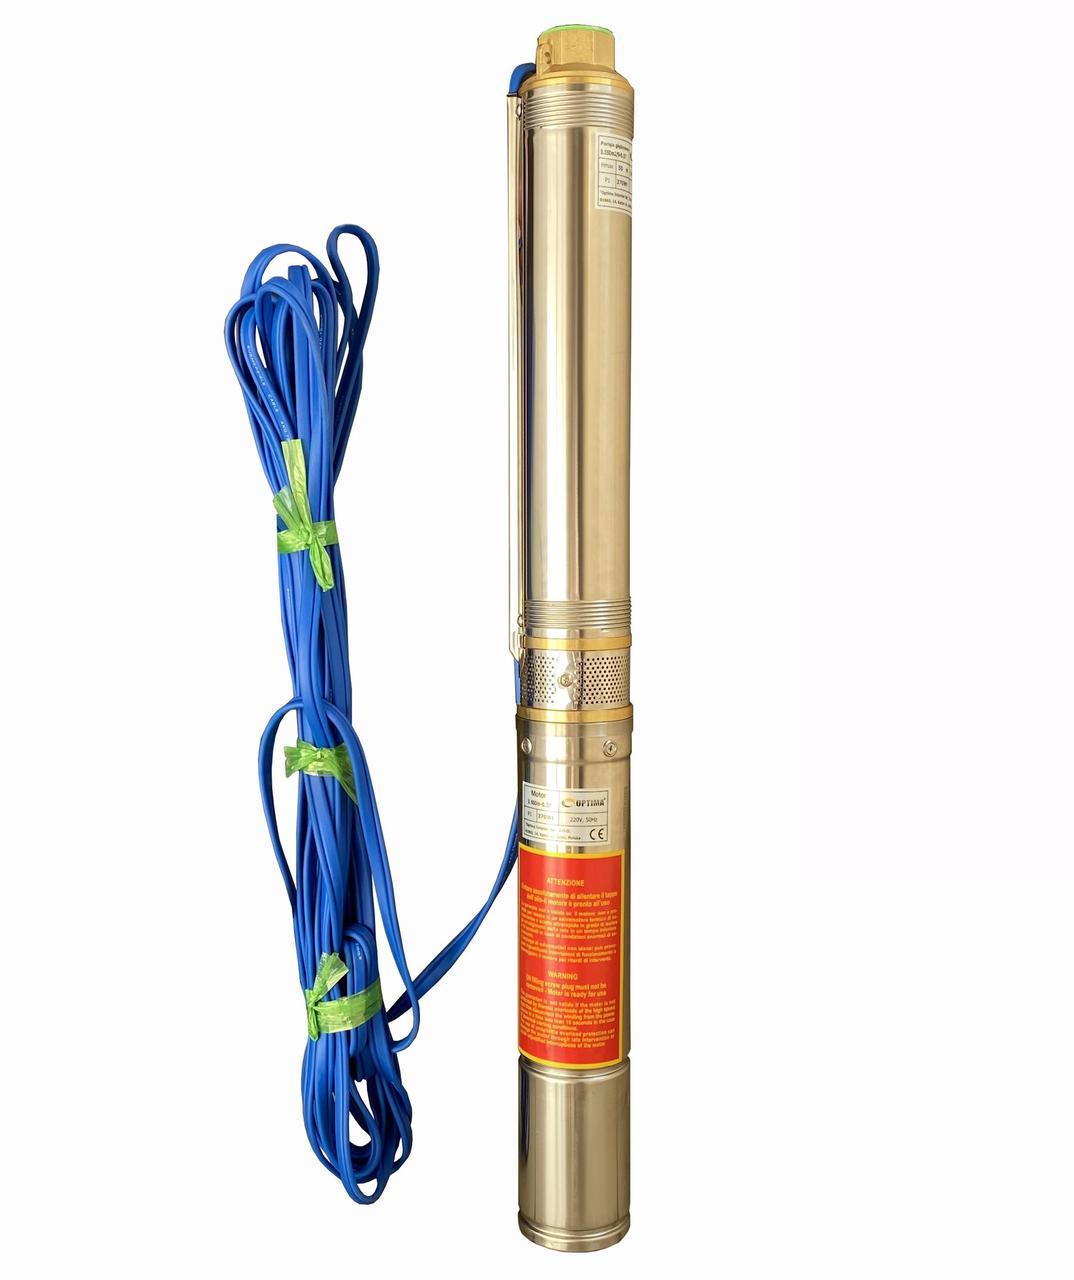 Насос скважинный центробежный Optima 3.5SDm2/9 0,37 кВт 50 м + кабель 15 м и пульт